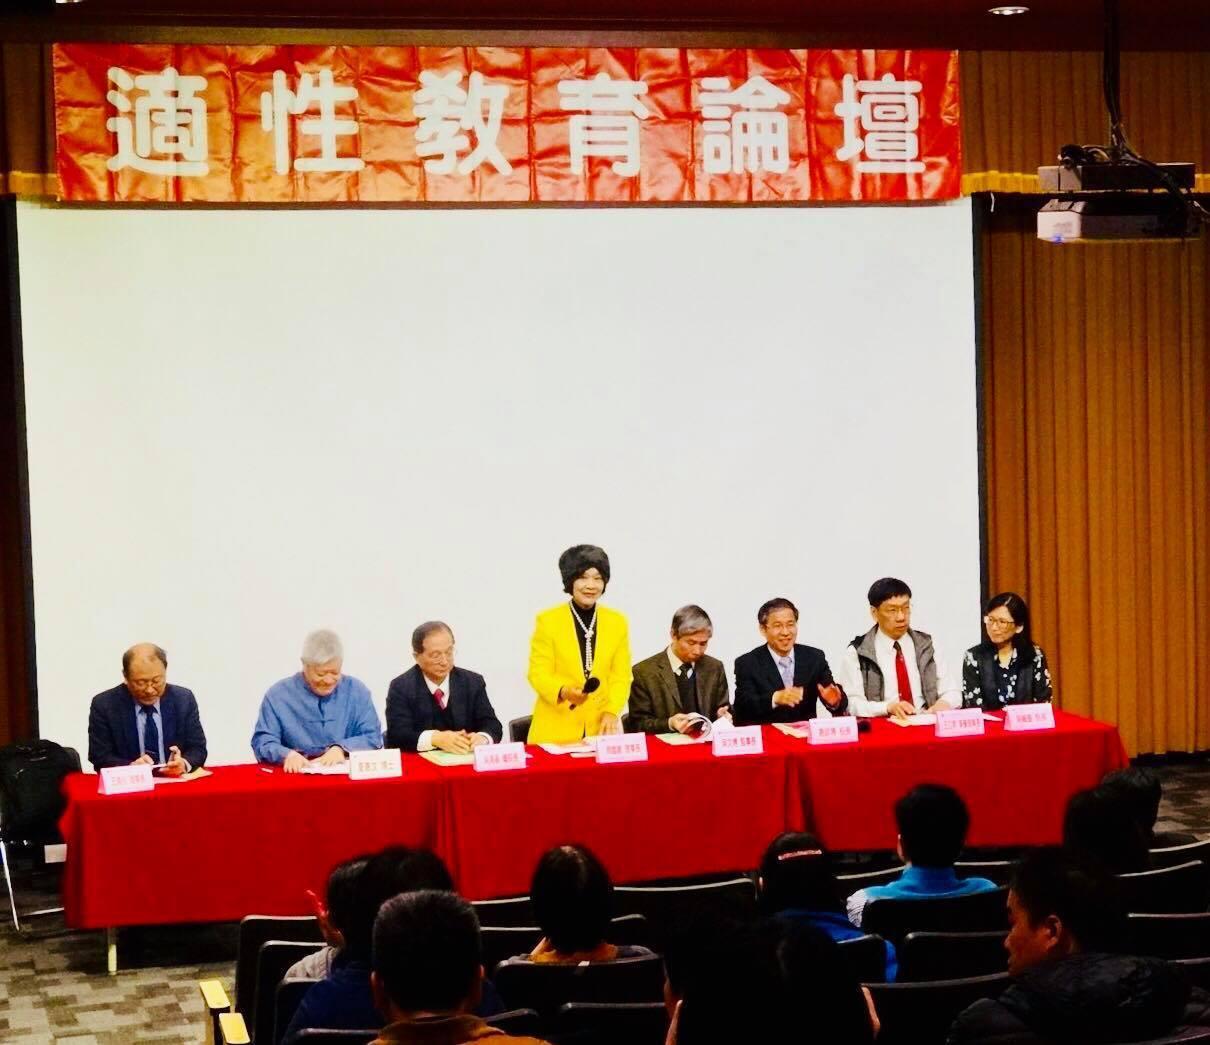 社團法人中華適性教育發展協會昨天舉辦適性教育論壇。圖/適性教育發展協會提供